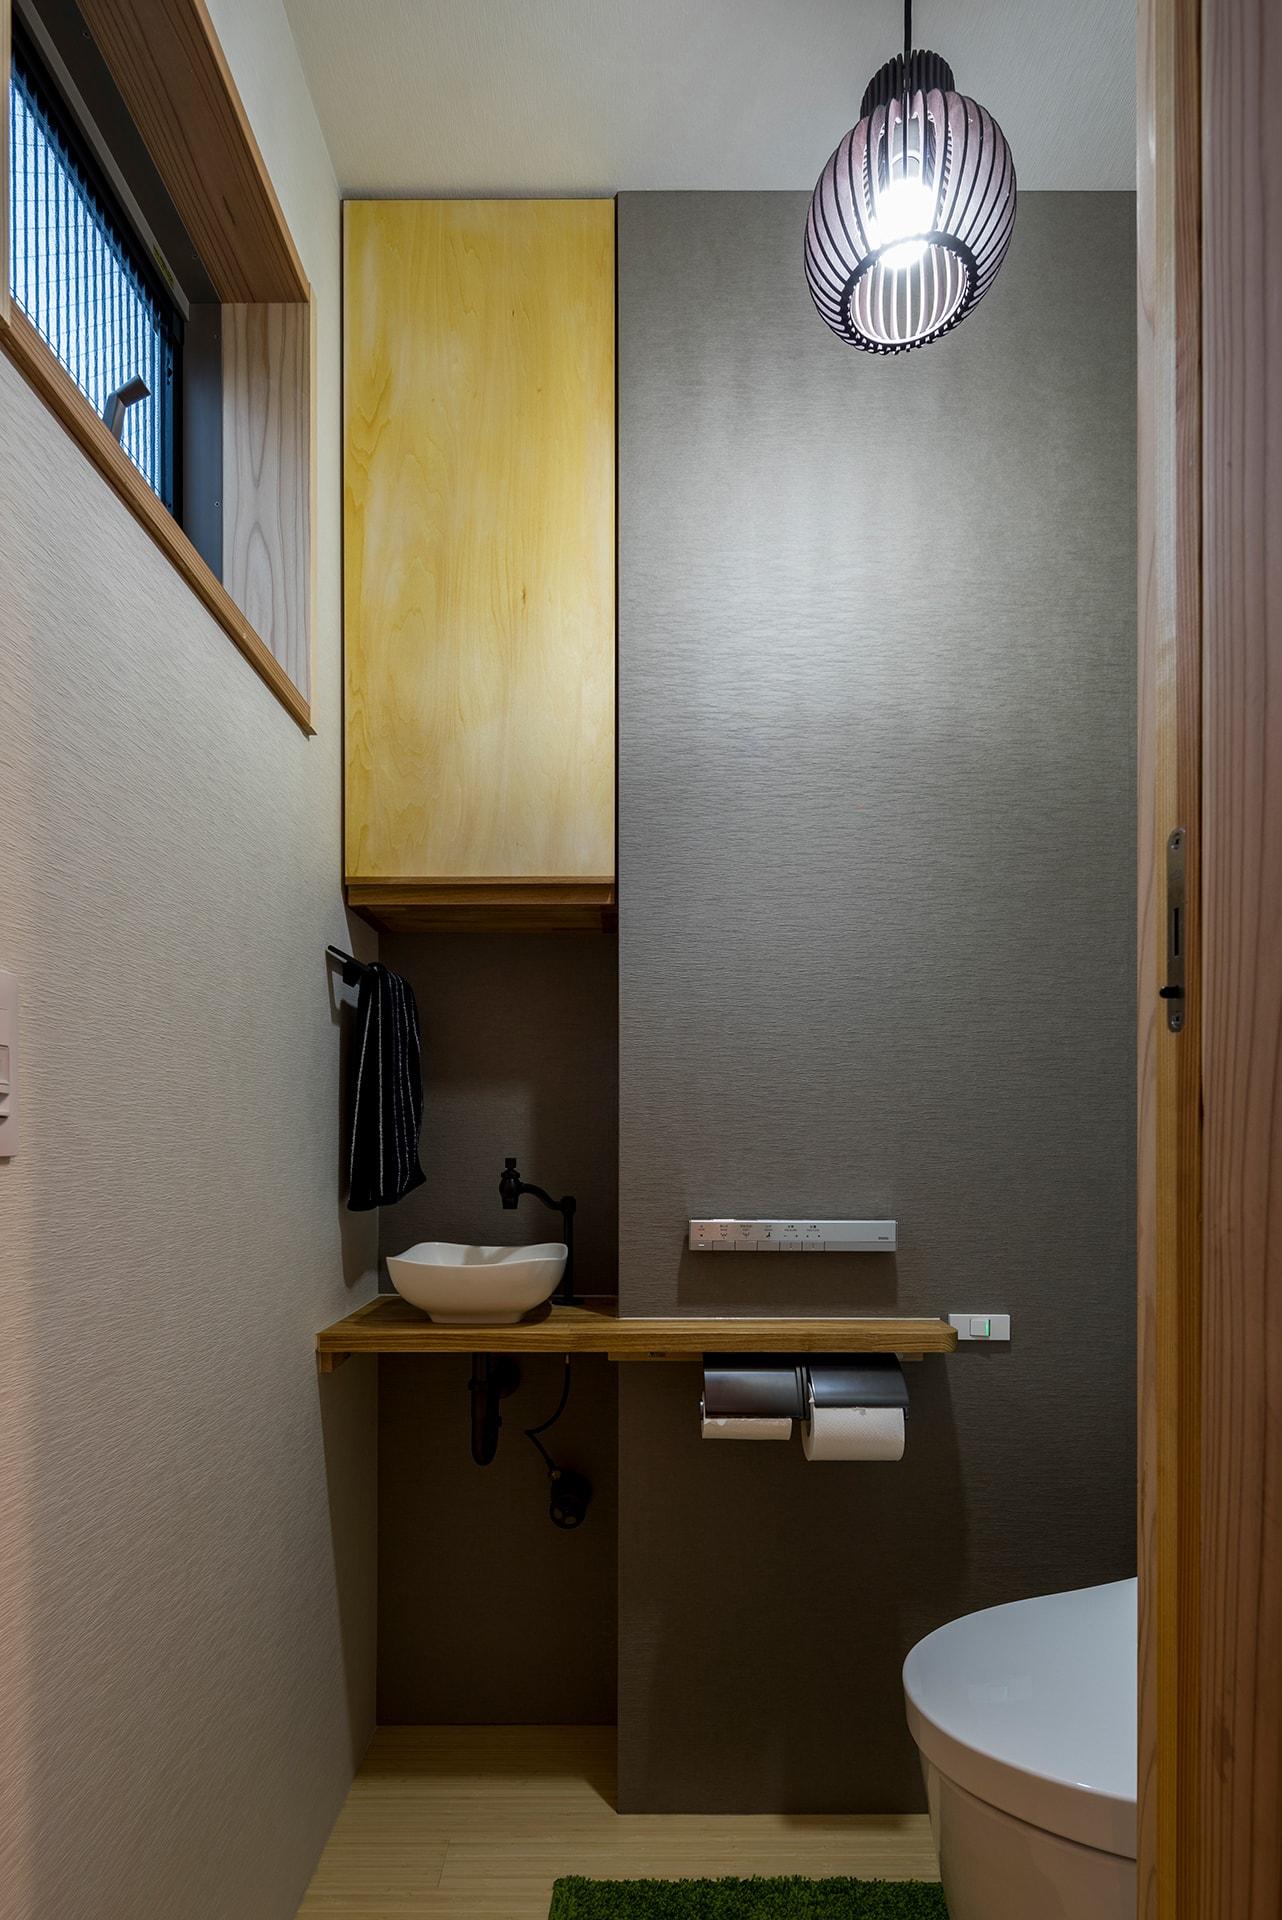 お父さんが伐った木の二世帯住宅 | こだわりの自然素材・天然素材の注文住宅・リノベーション(フルリフォーム)の駿河屋